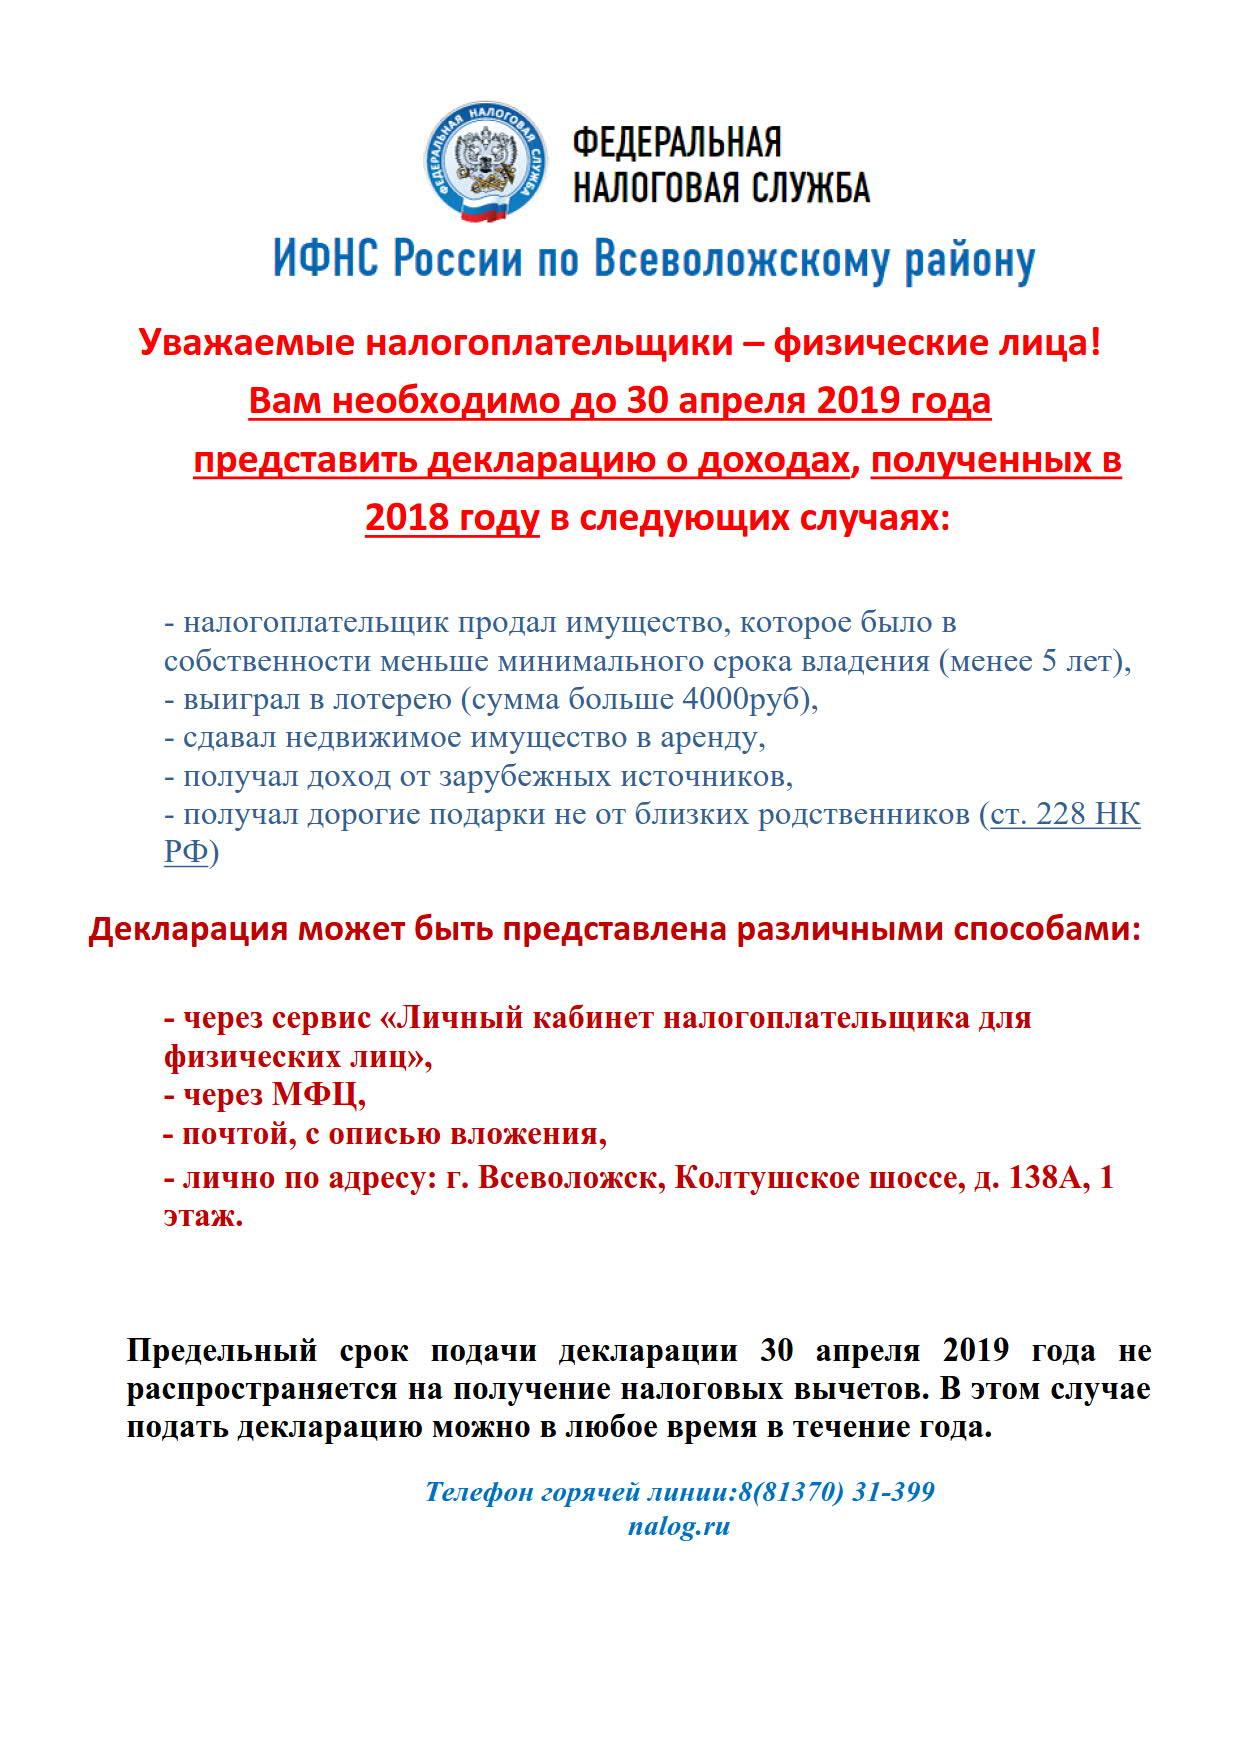 подача деклараций в 2019 г., администрации_1